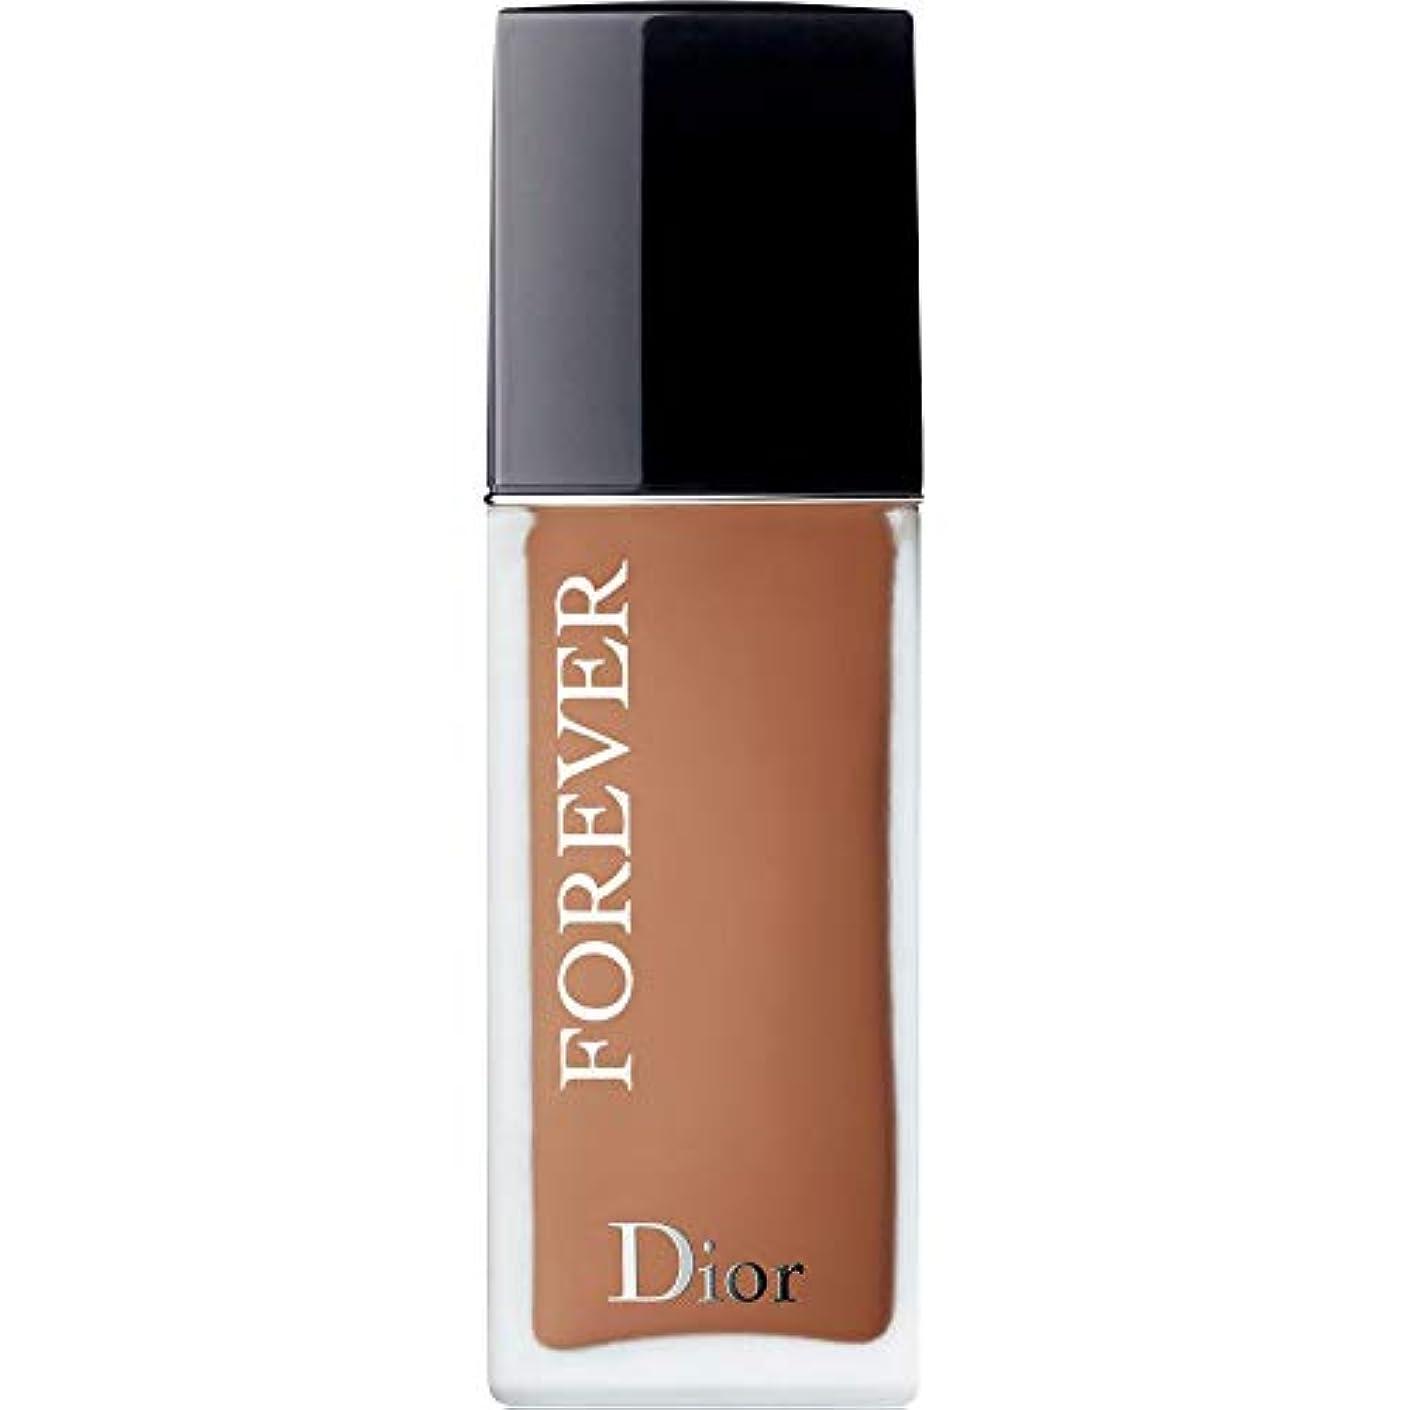 推測する曲がった絶対に[Dior ] ディオール永遠皮膚思いやりの基盤Spf35 30ミリリットルの5N - ニュートラル(つや消し) - DIOR Forever Skin-Caring Foundation SPF35 30ml 5N -...